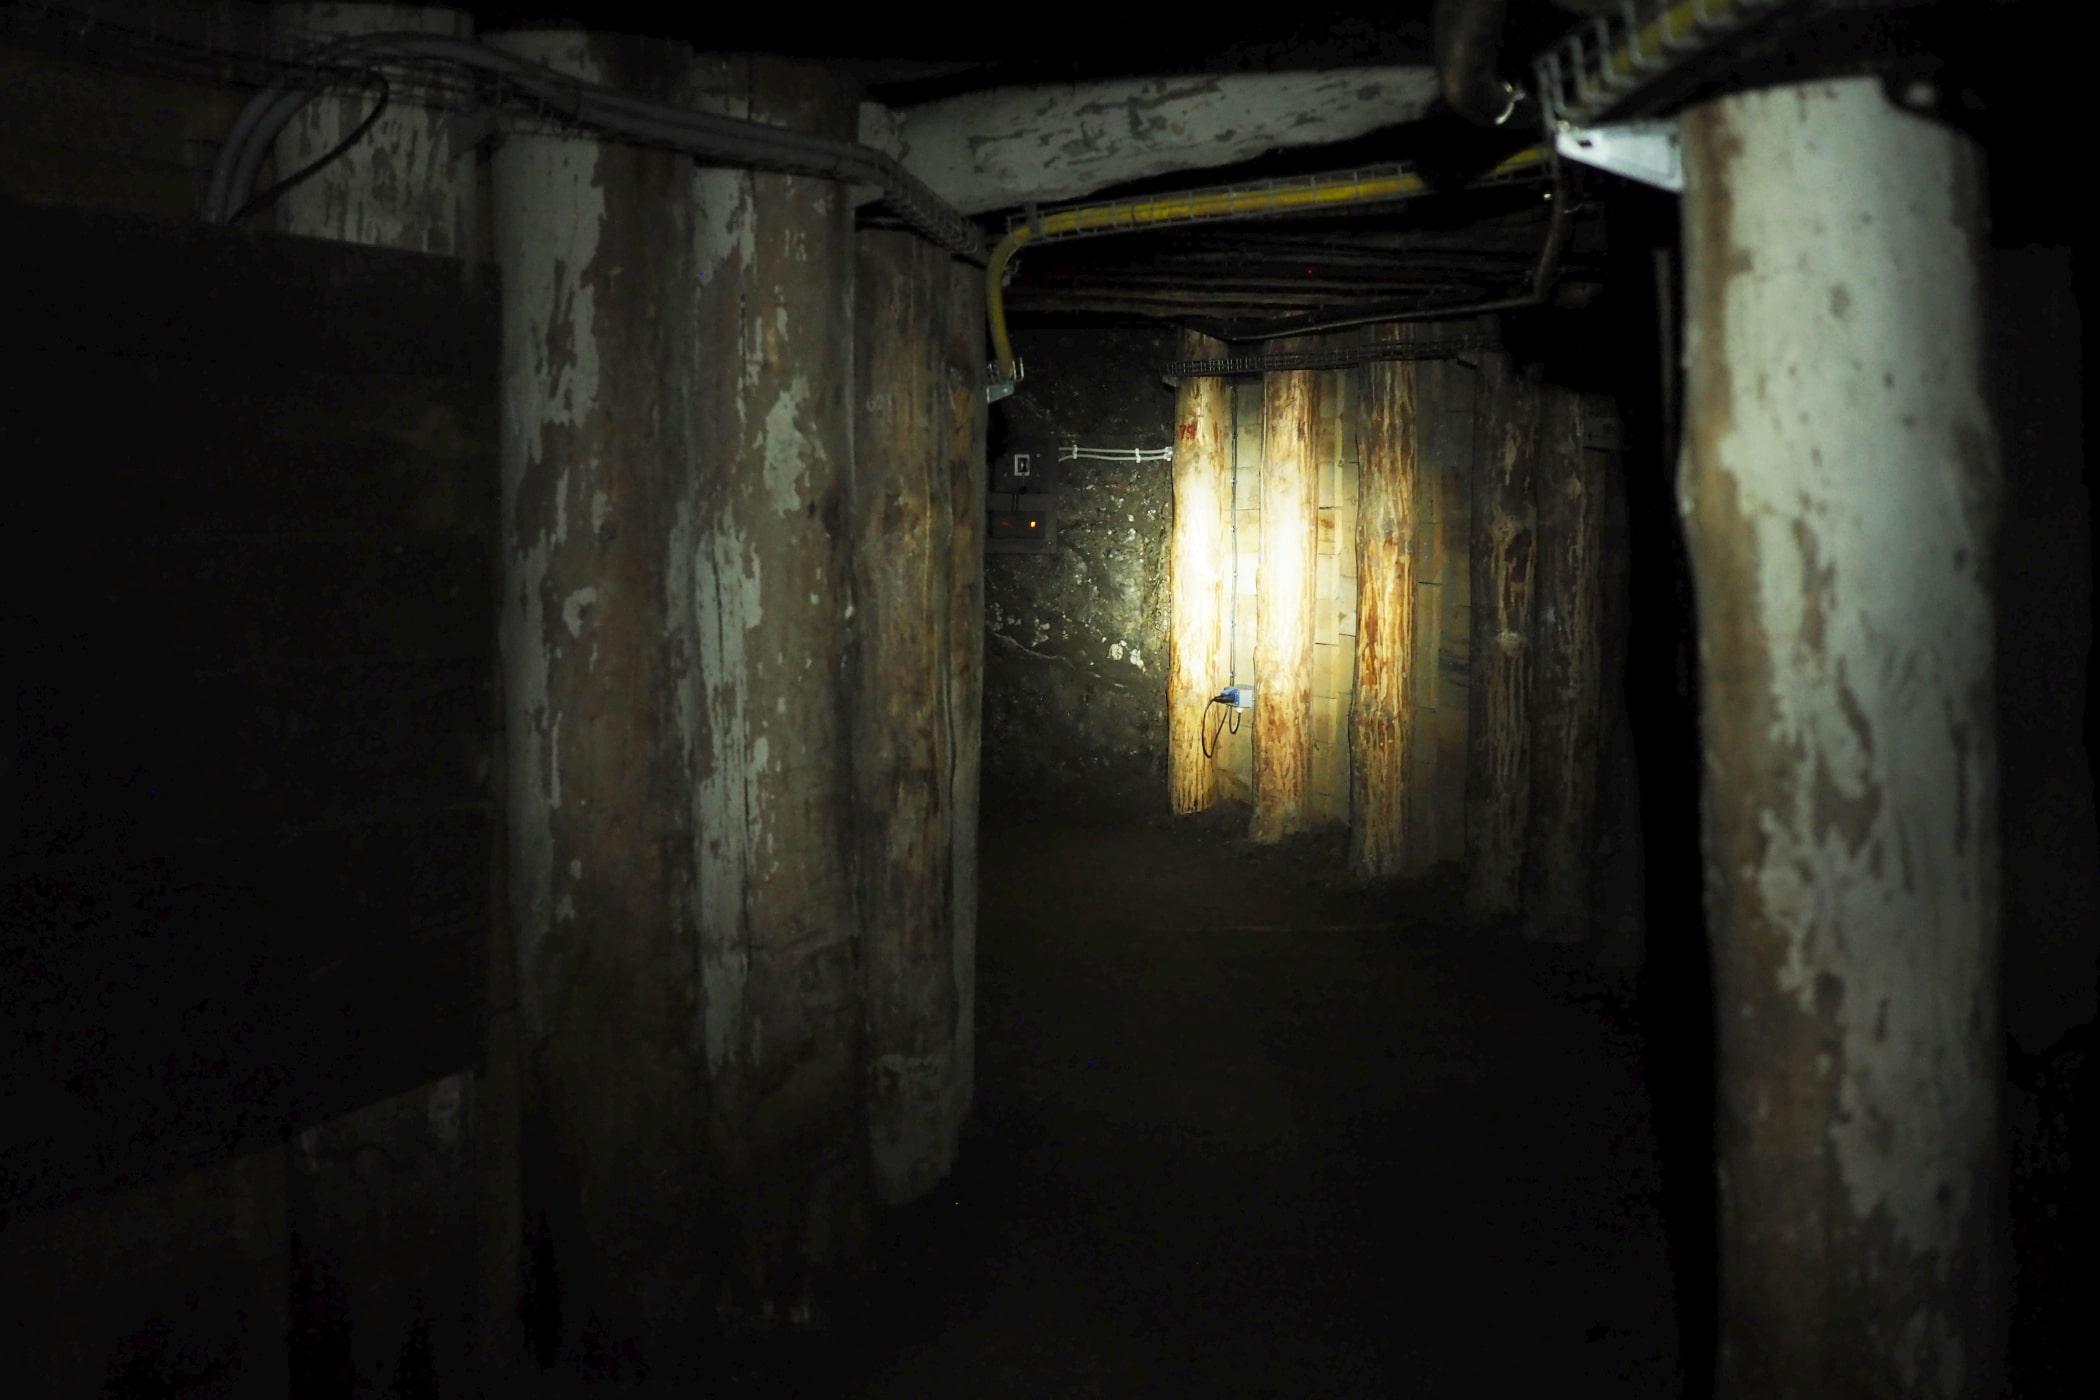 Ciemny korytarz w kopalni w Wieliczce